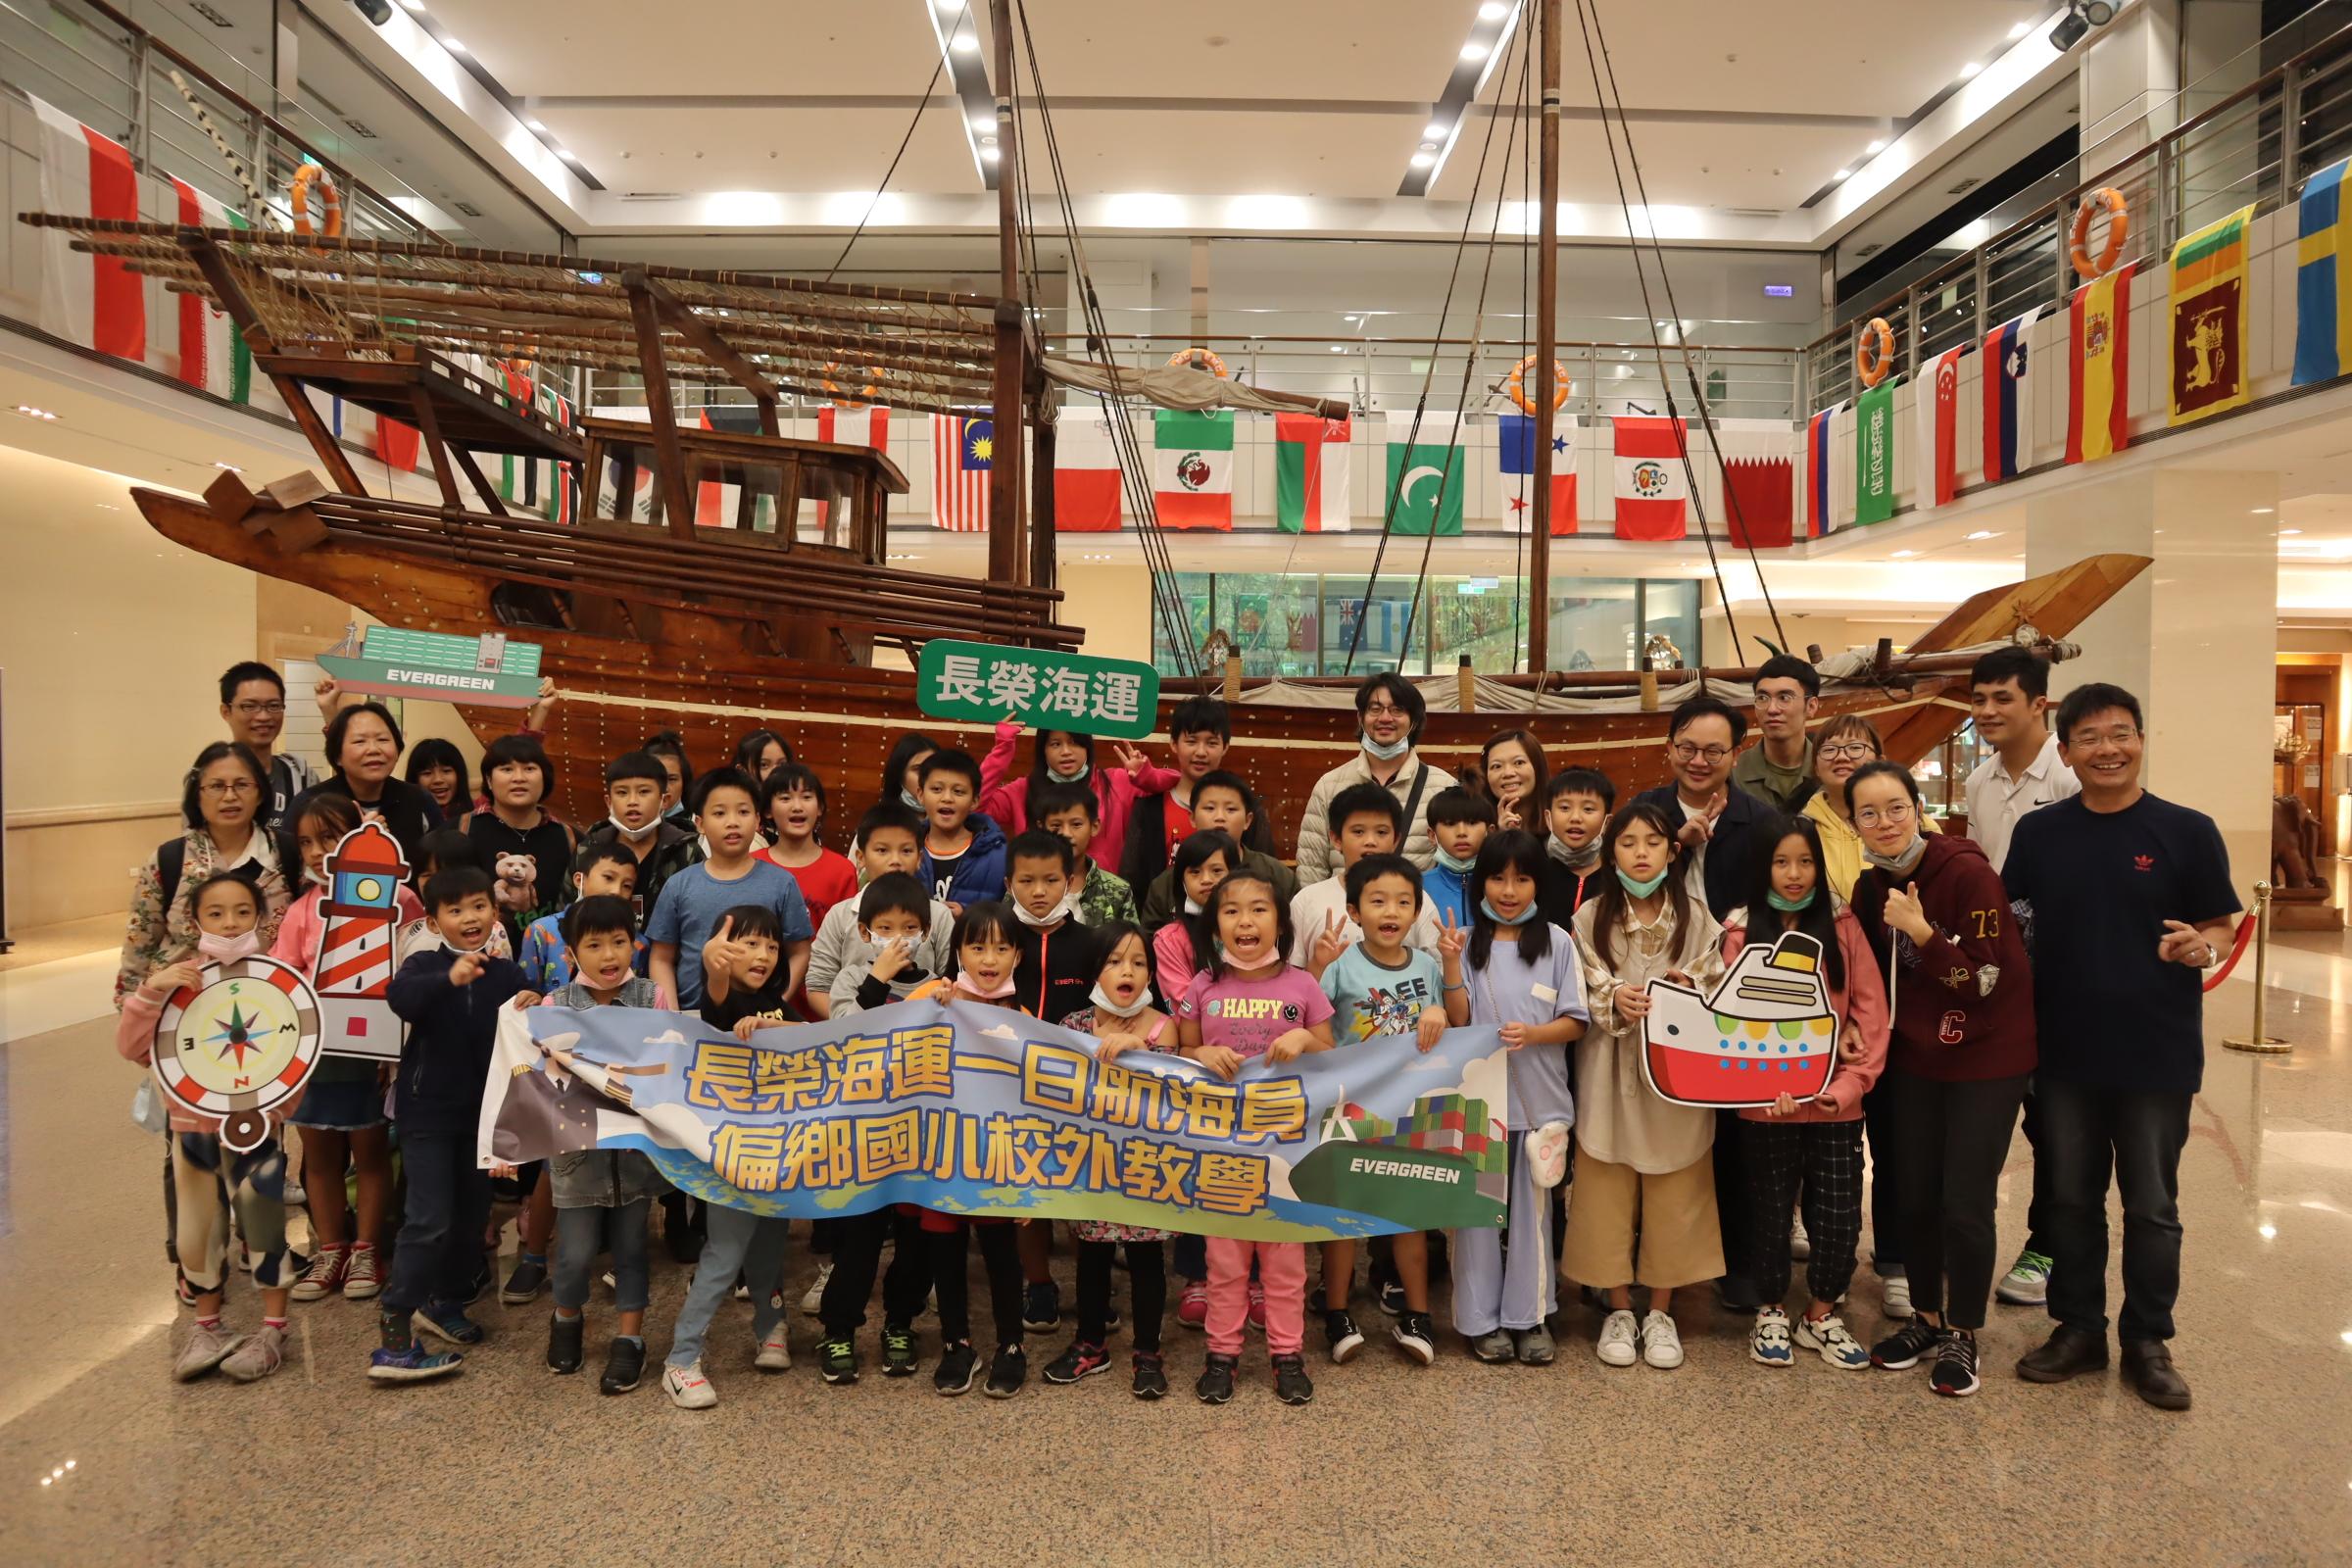 義盛國小師生開心參訪長榮海事博物館